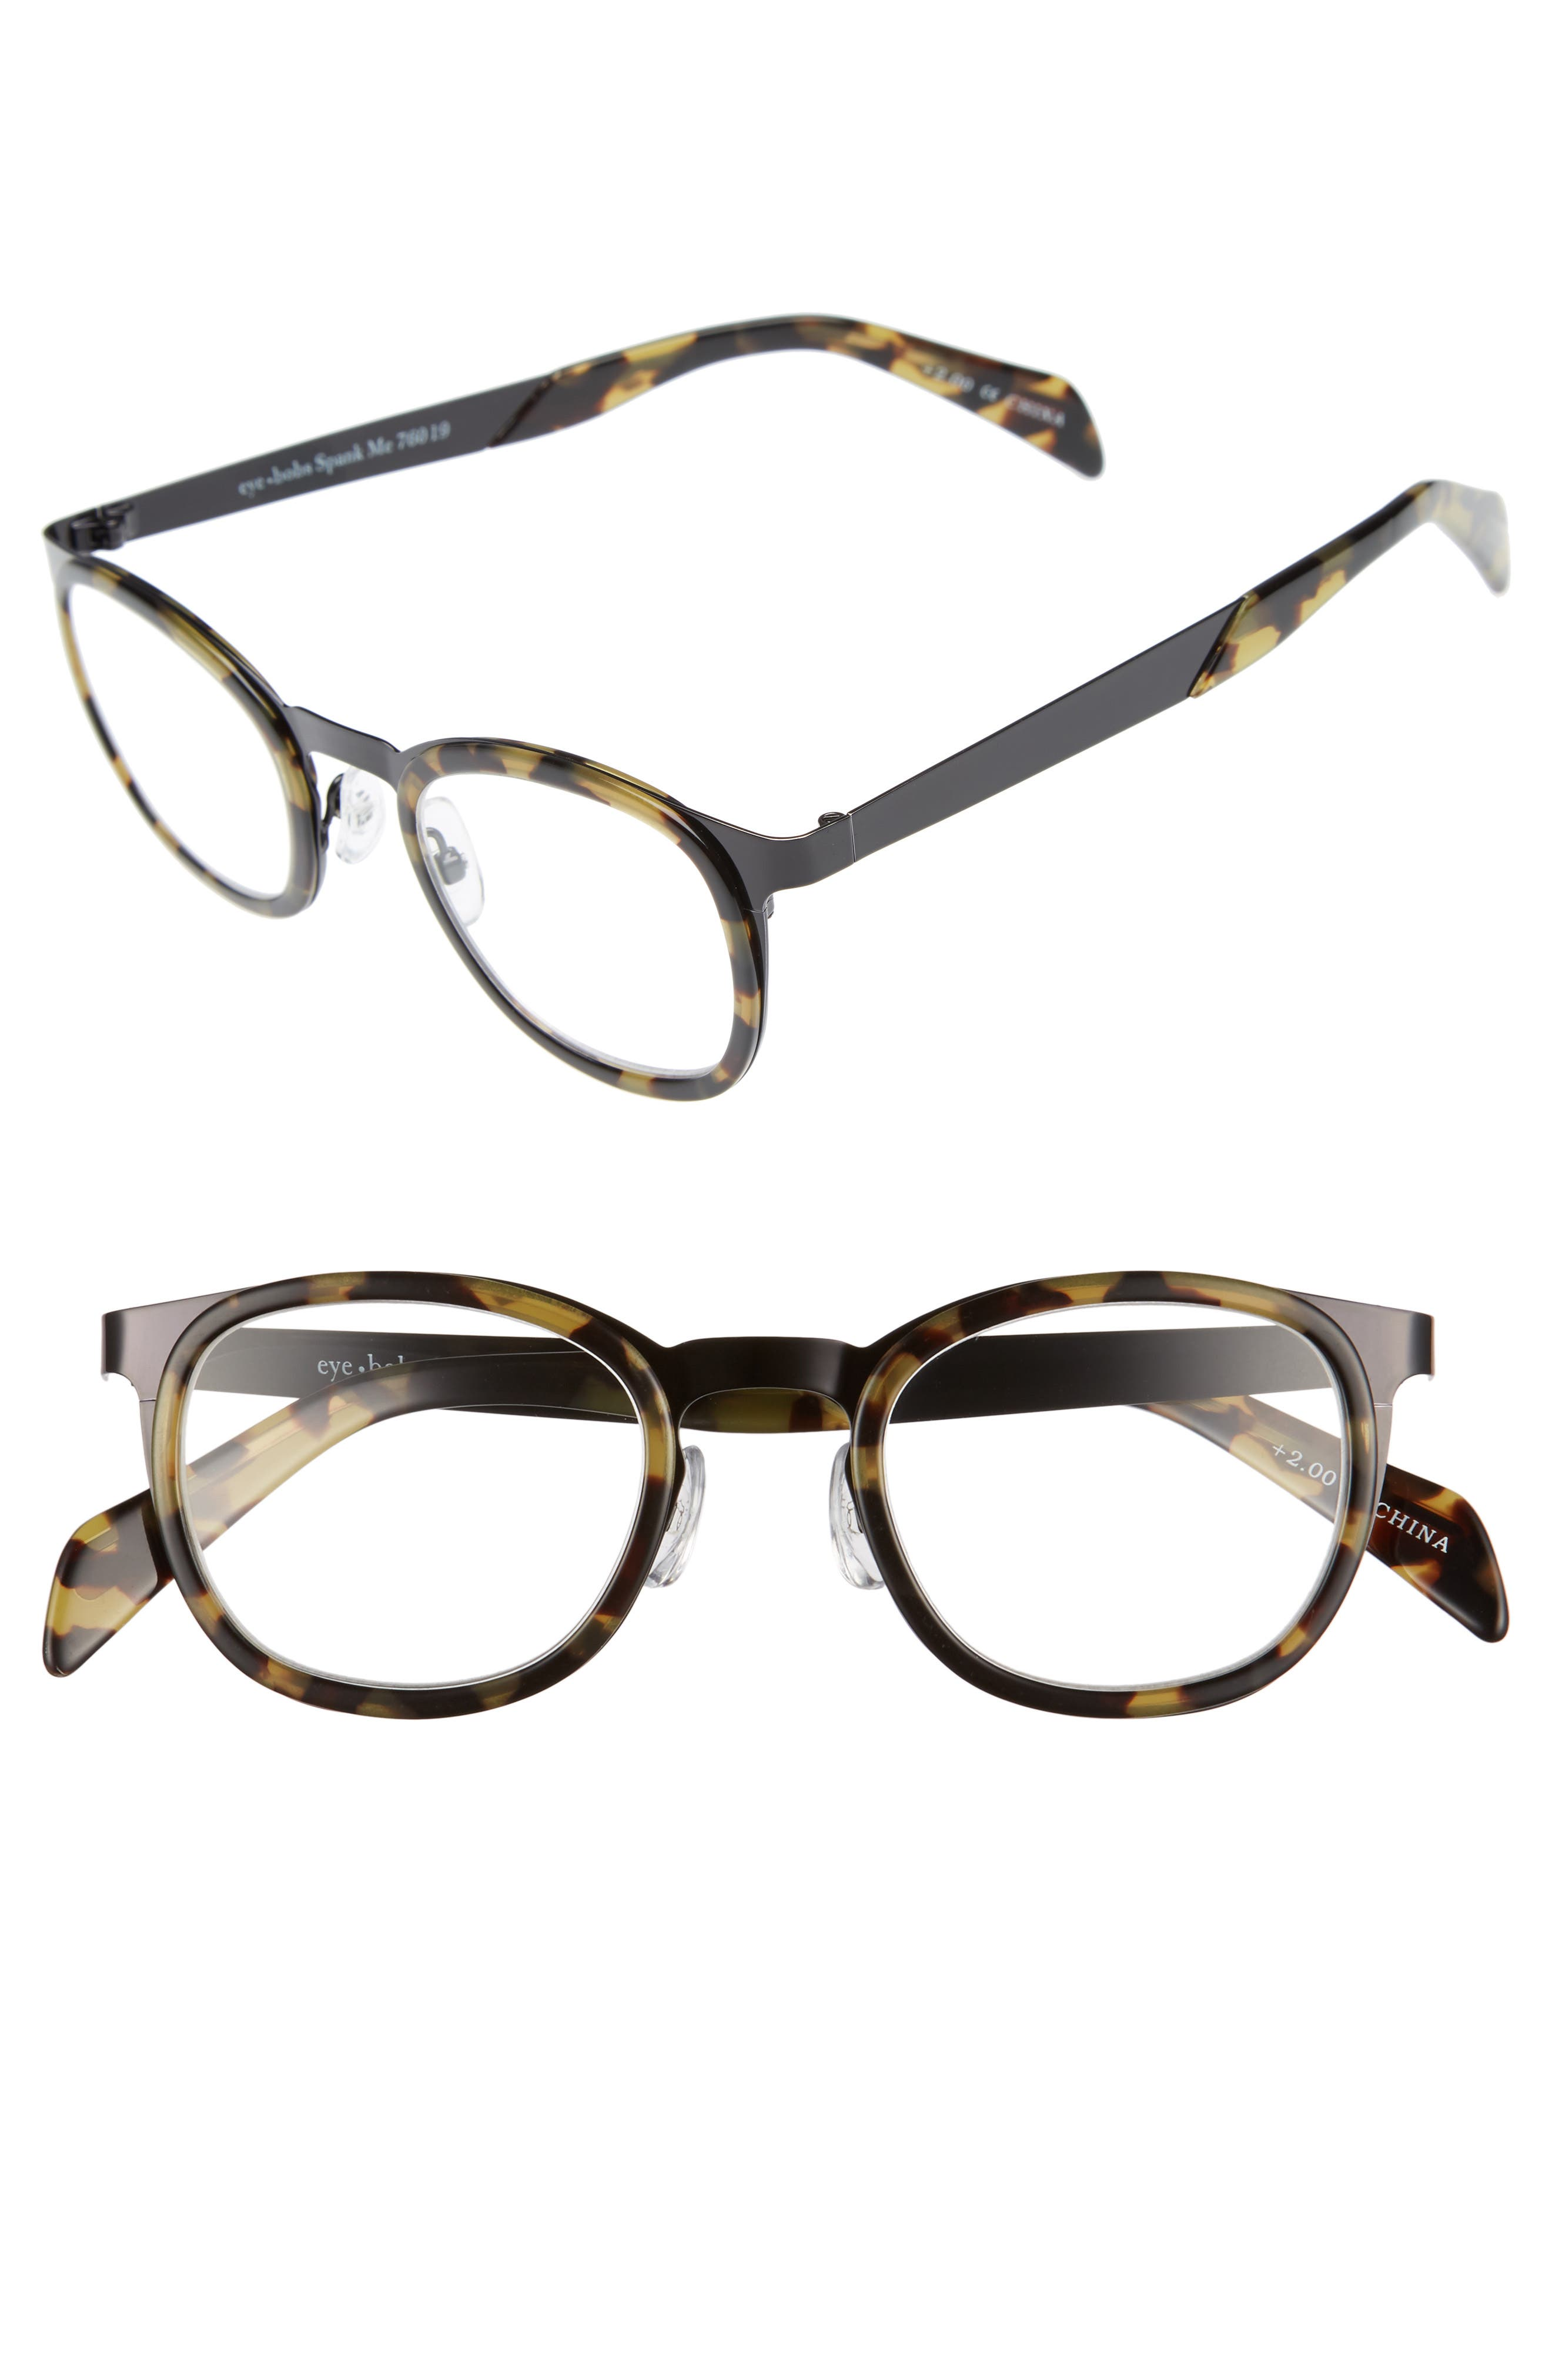 EYEBOBS Spank Me 45mm Reading Glasses